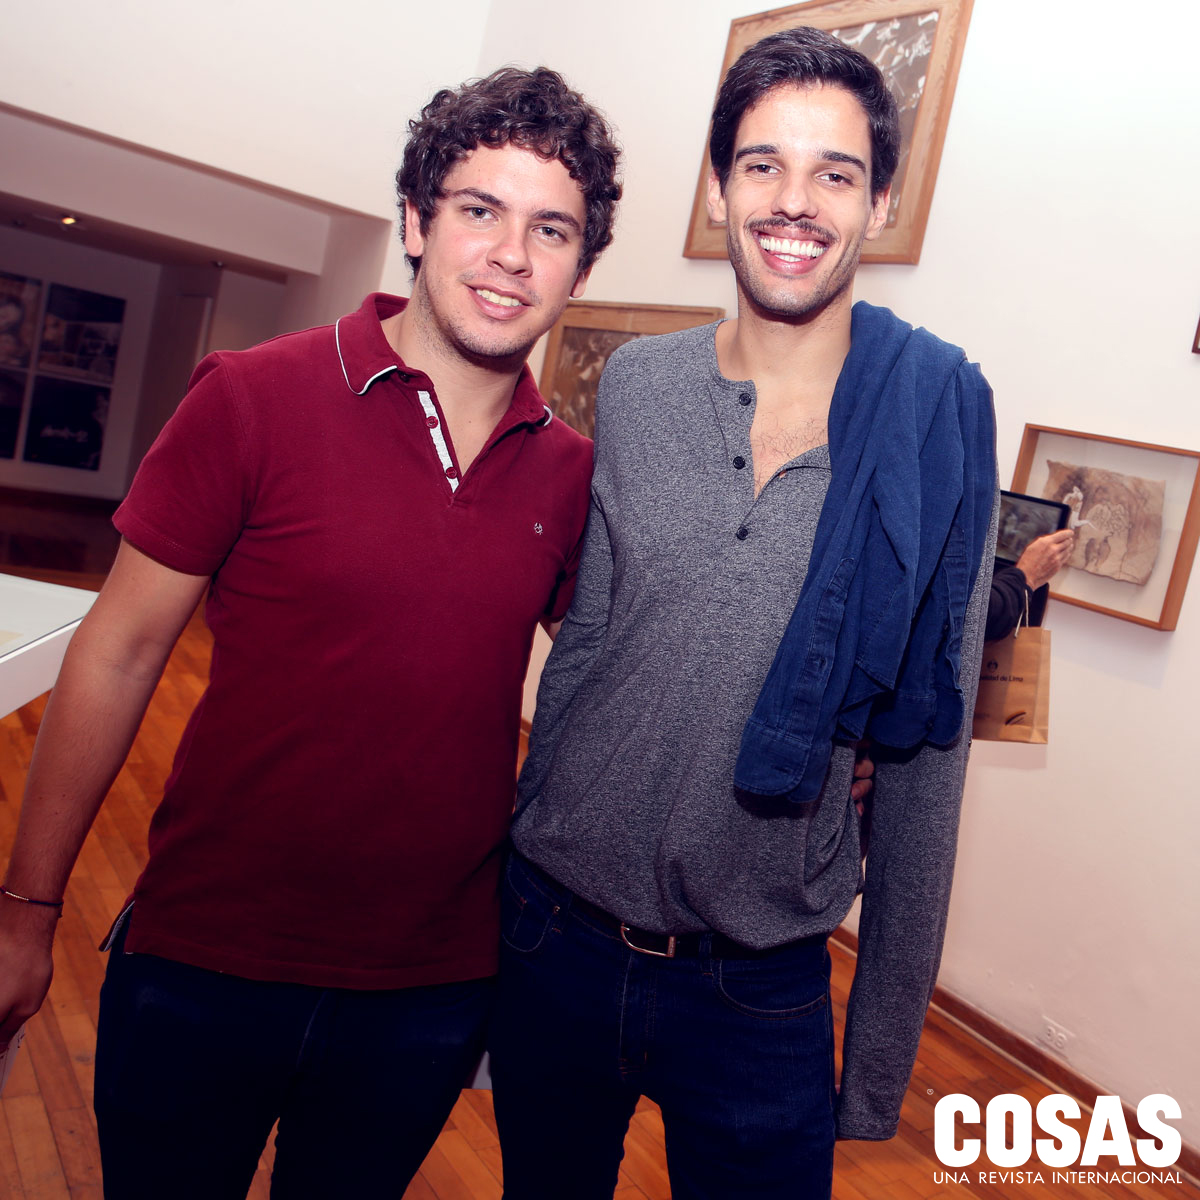 Jose Ignacio Adriansen y Juan Carlos Watson, en la galería Pancho Fierro.